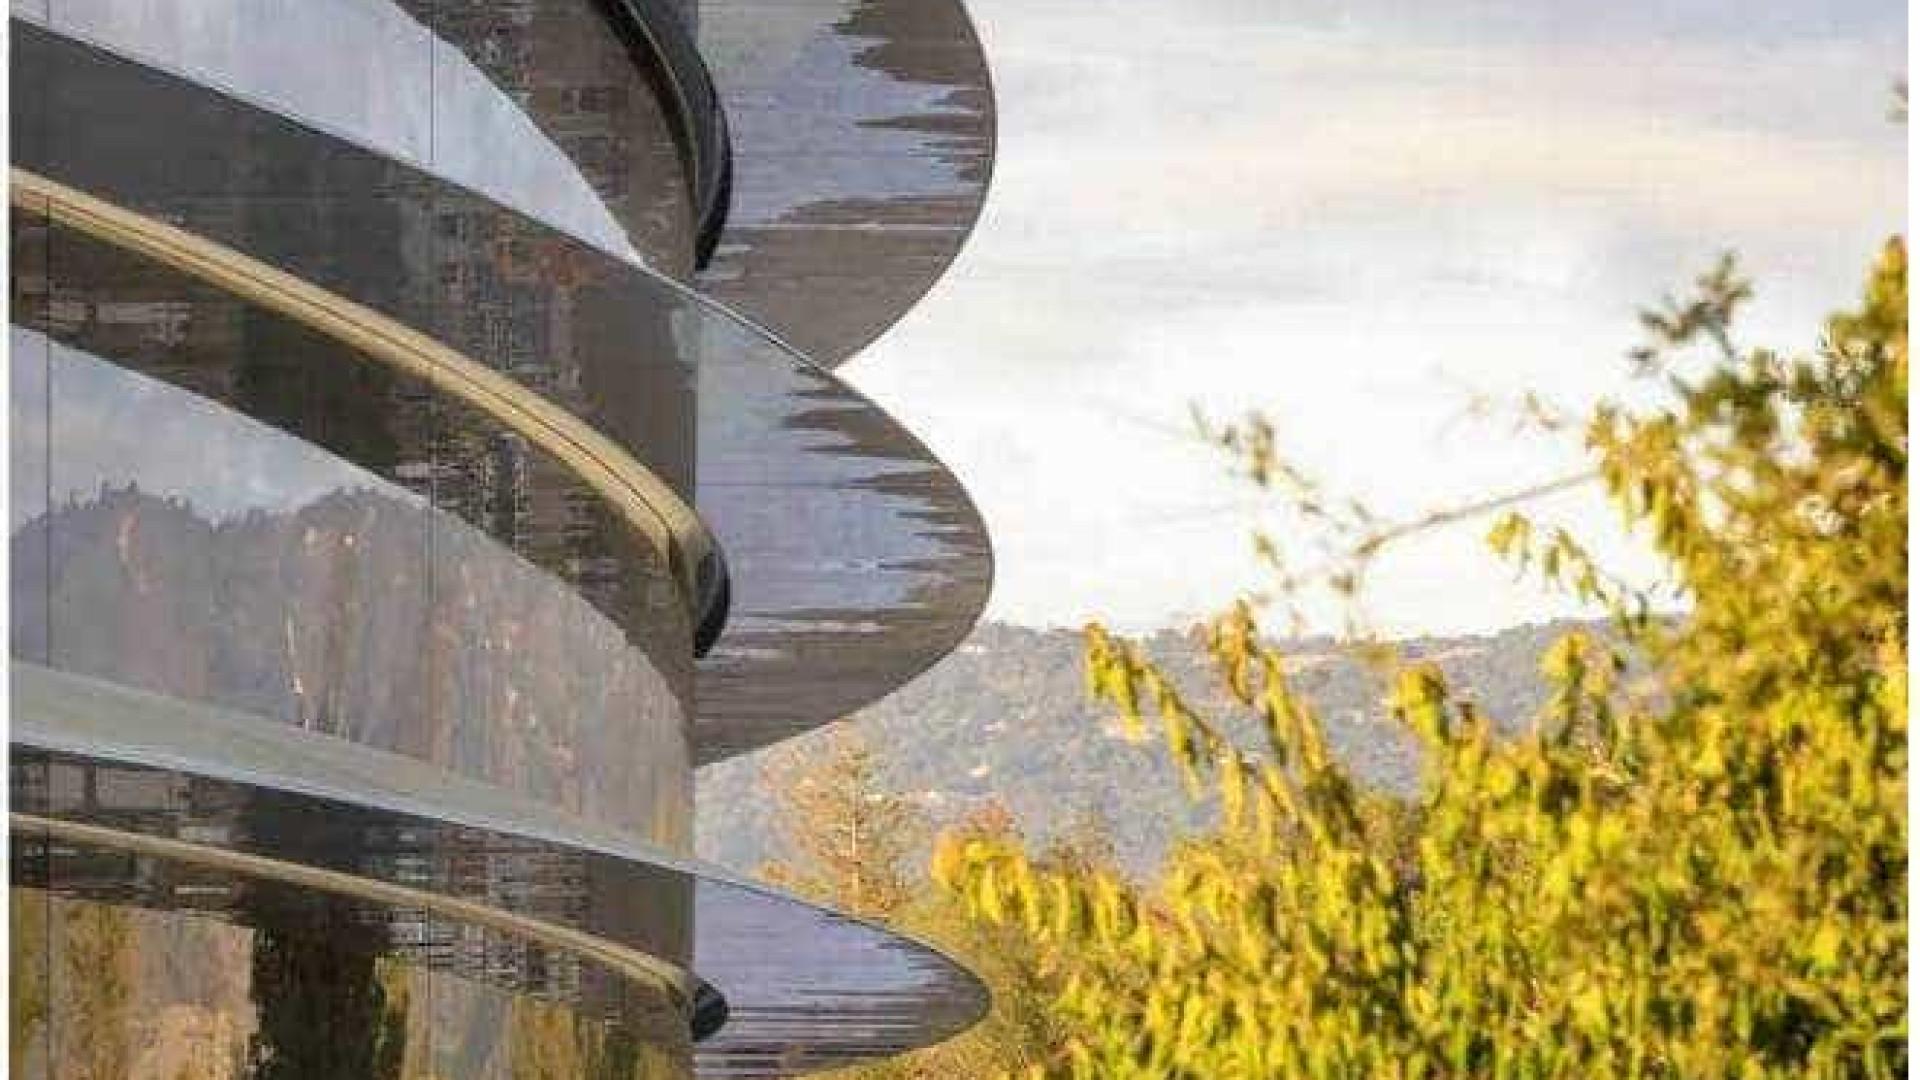 Imagens feitas por drone mostram nova sede da Apple na Califórnia